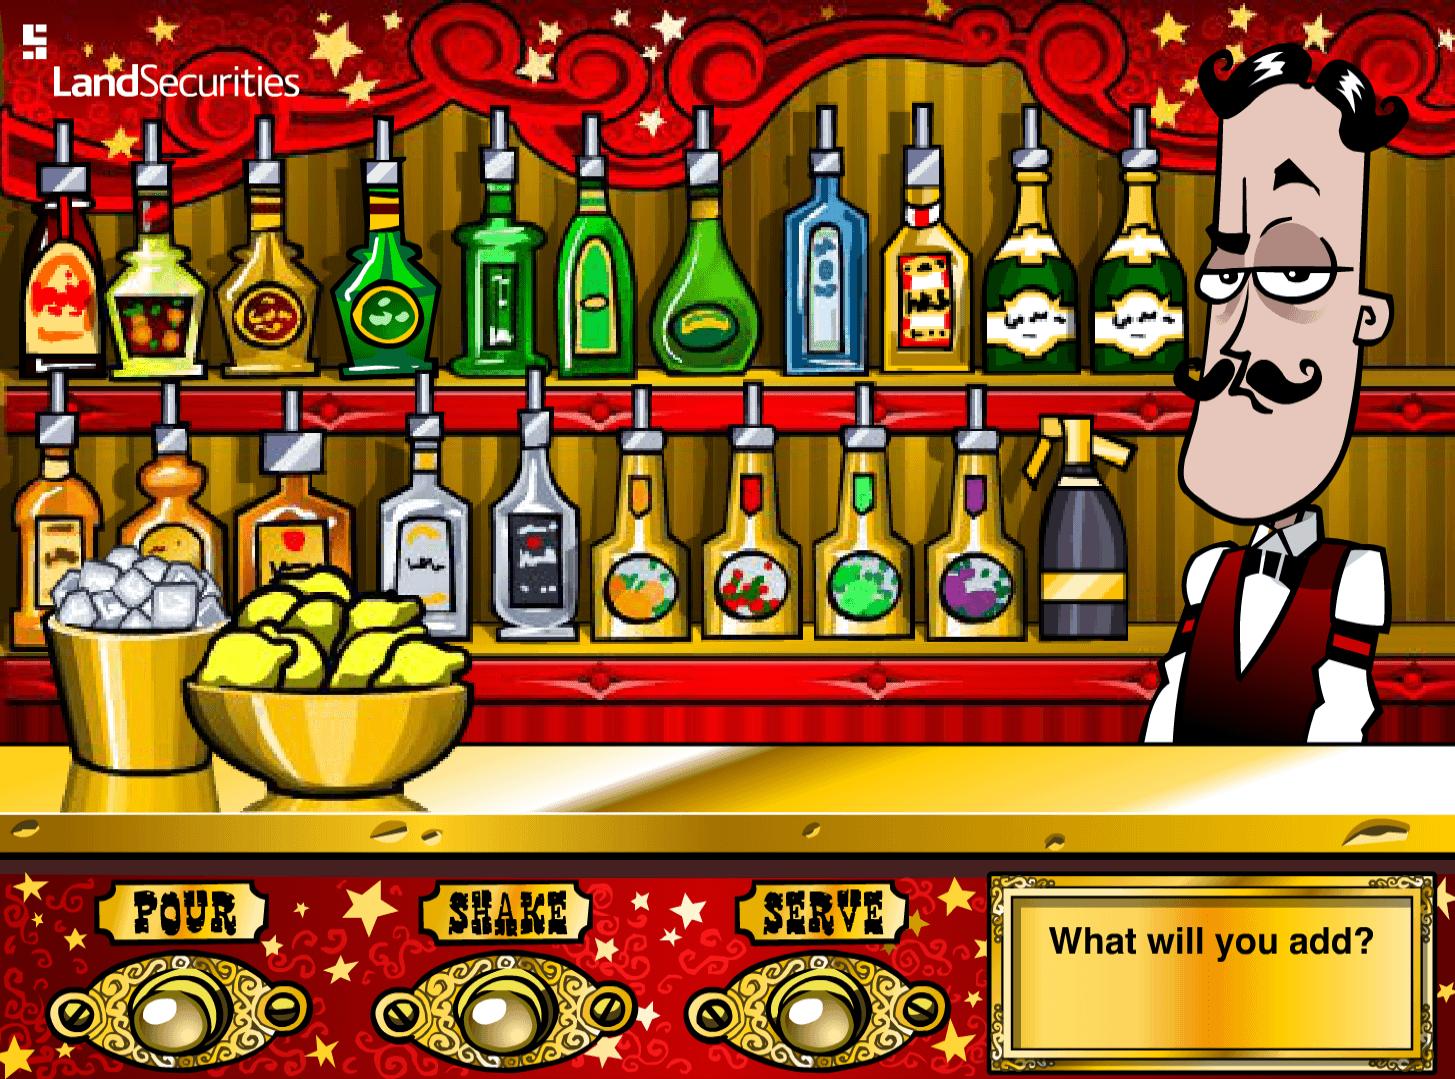 bartendertherightmix